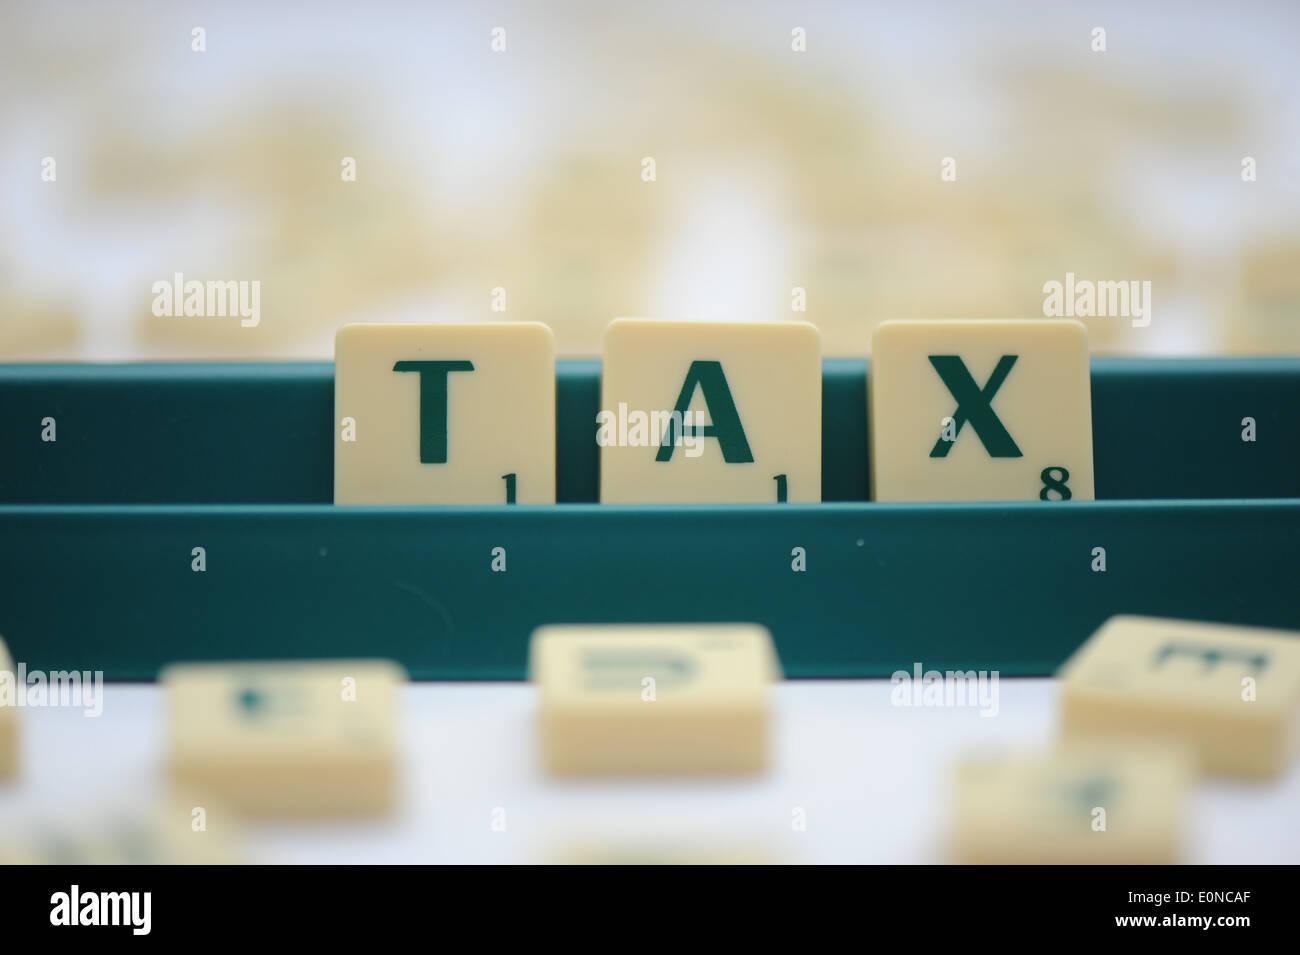 Hmrc Tax Stock Photos & Hmrc Tax Stock Images - Alamy